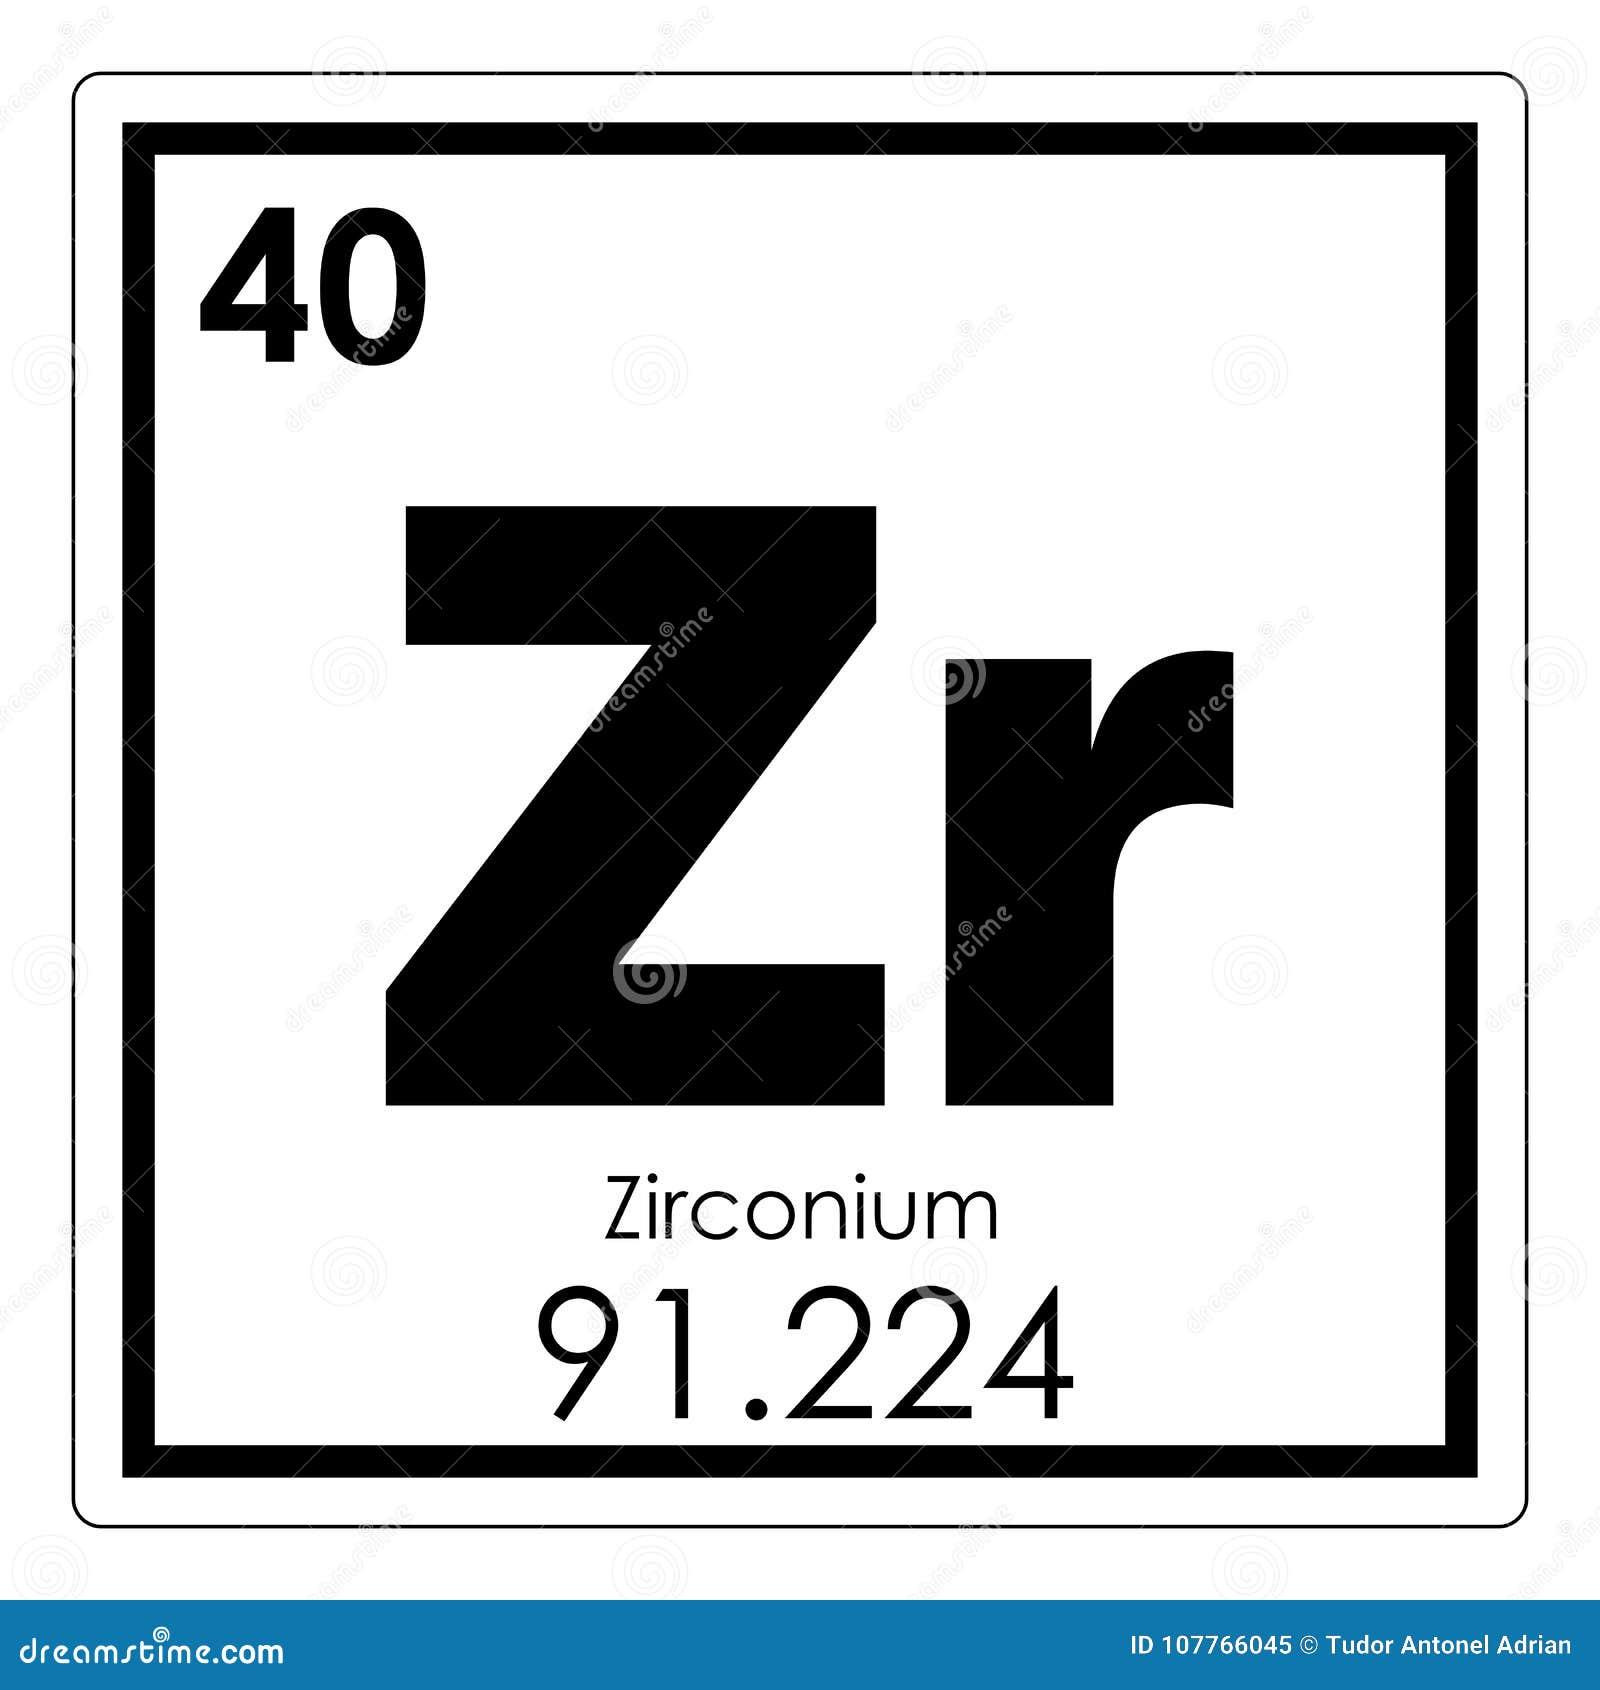 Elemento qumico del circonio stock de ilustracin ilustracin de download elemento qumico del circonio stock de ilustracin ilustracin de frmula elemento 107766045 urtaz Image collections